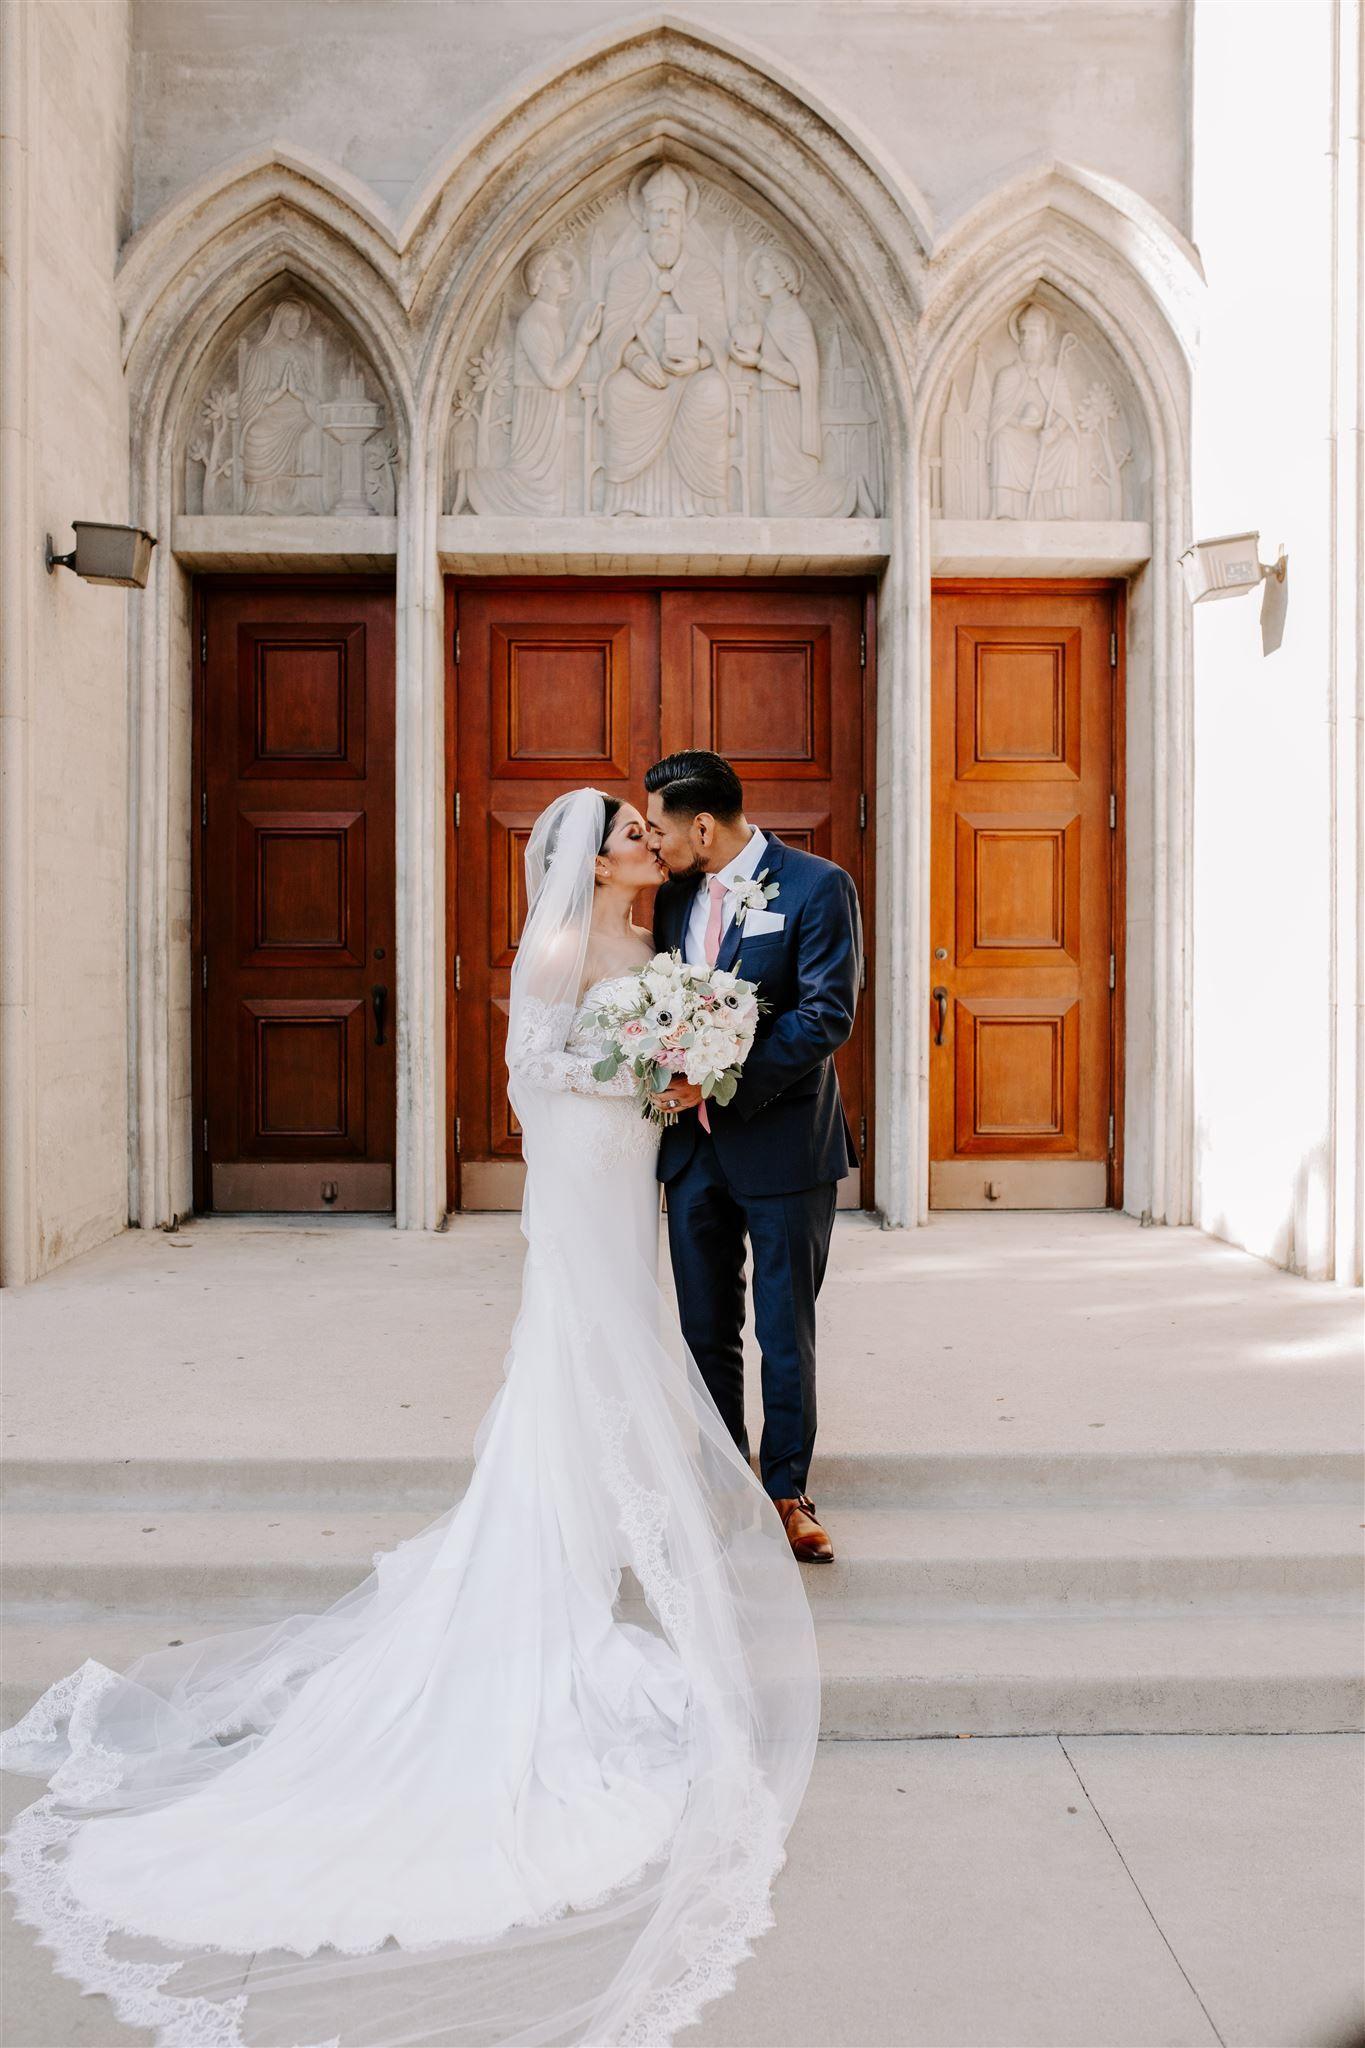 Cathedral veil cathedral veil bride wedding bride